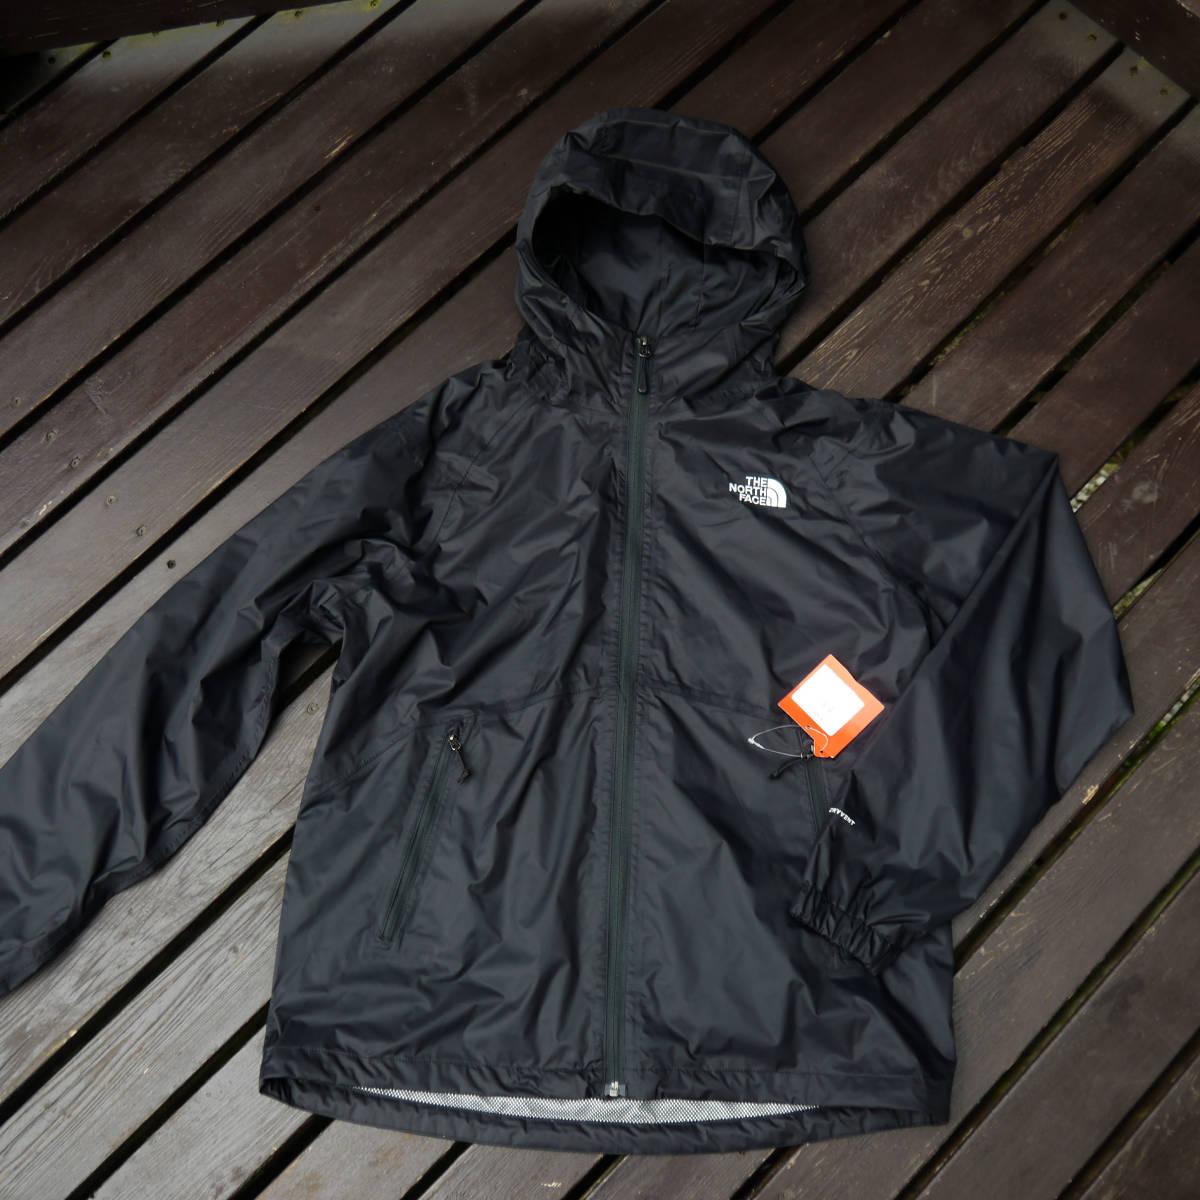 新品 m the north face dryvent boreal jacket ヤフオク